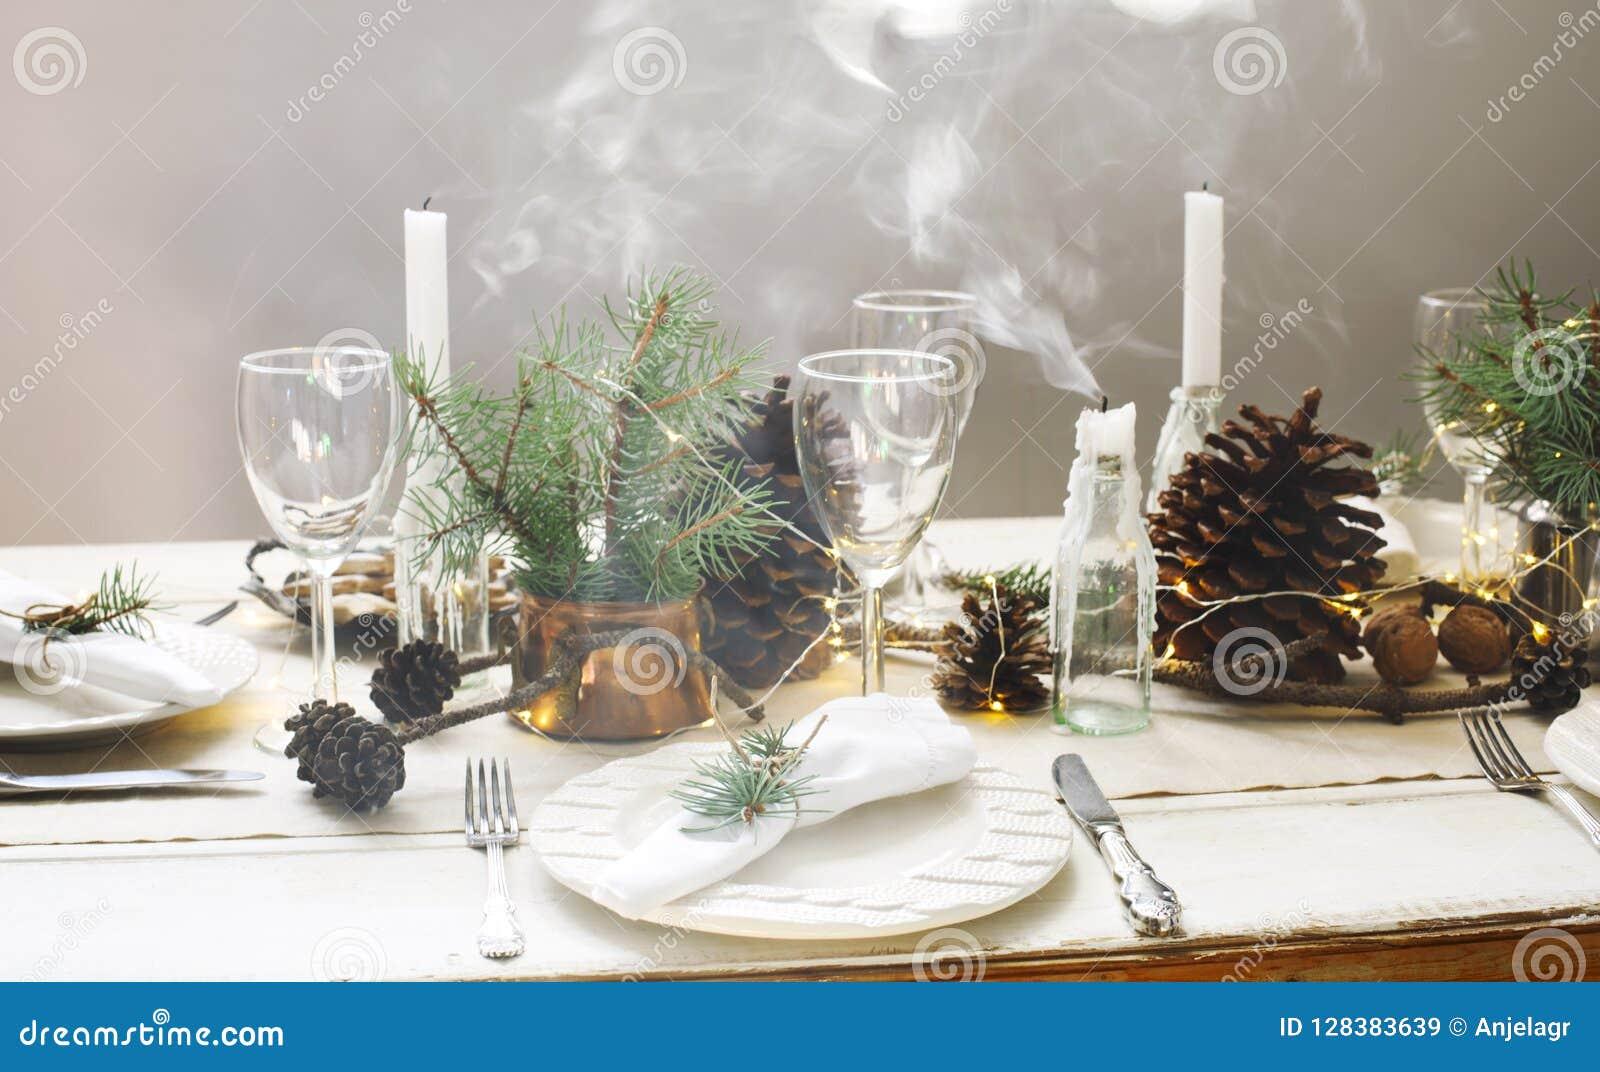 Configuration de table de Noël